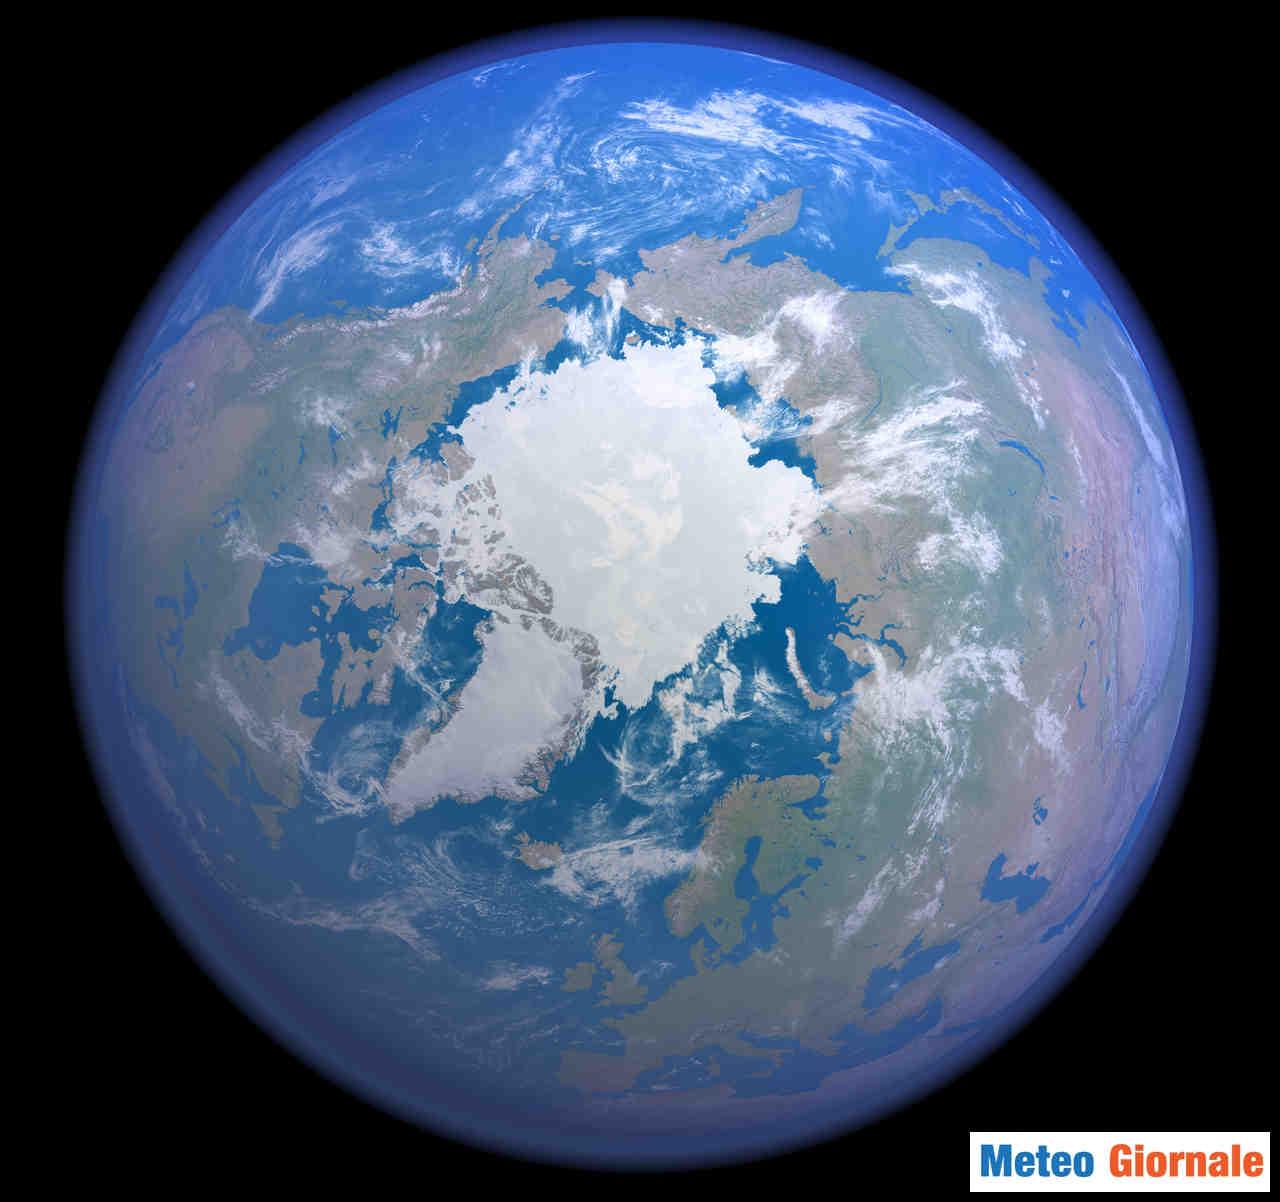 meteo giornale 00004 - Vortice Polare ballerino, i perché del previsto ritorno del meteo invernale